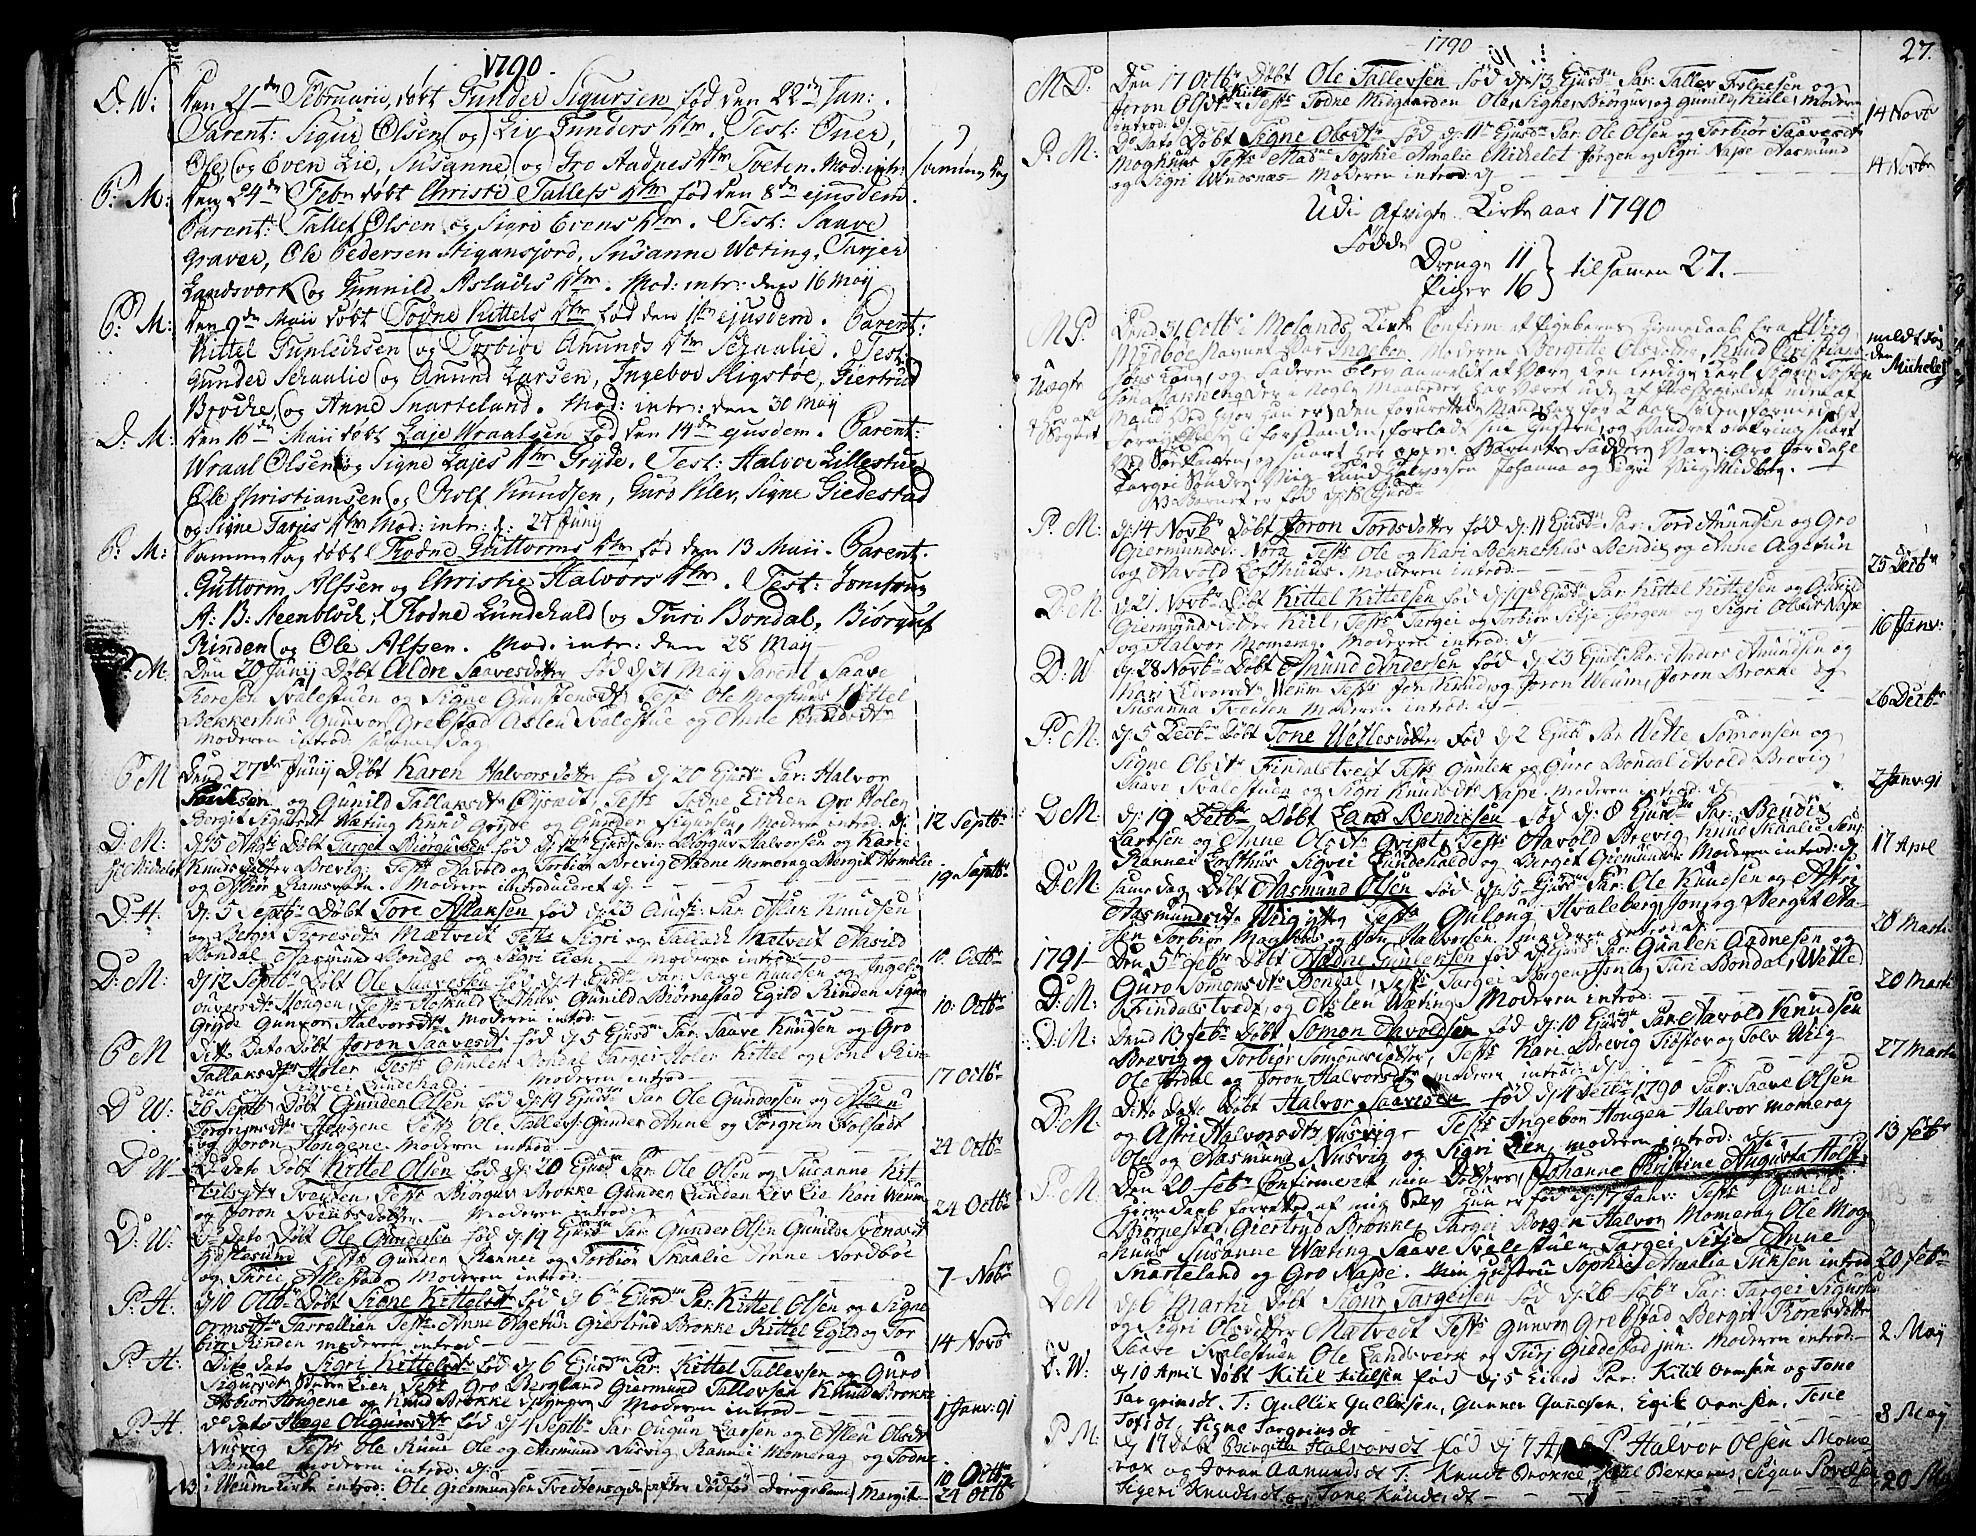 SAKO, Fyresdal kirkebøker, F/Fa/L0002: Ministerialbok nr. I 2, 1769-1814, s. 27